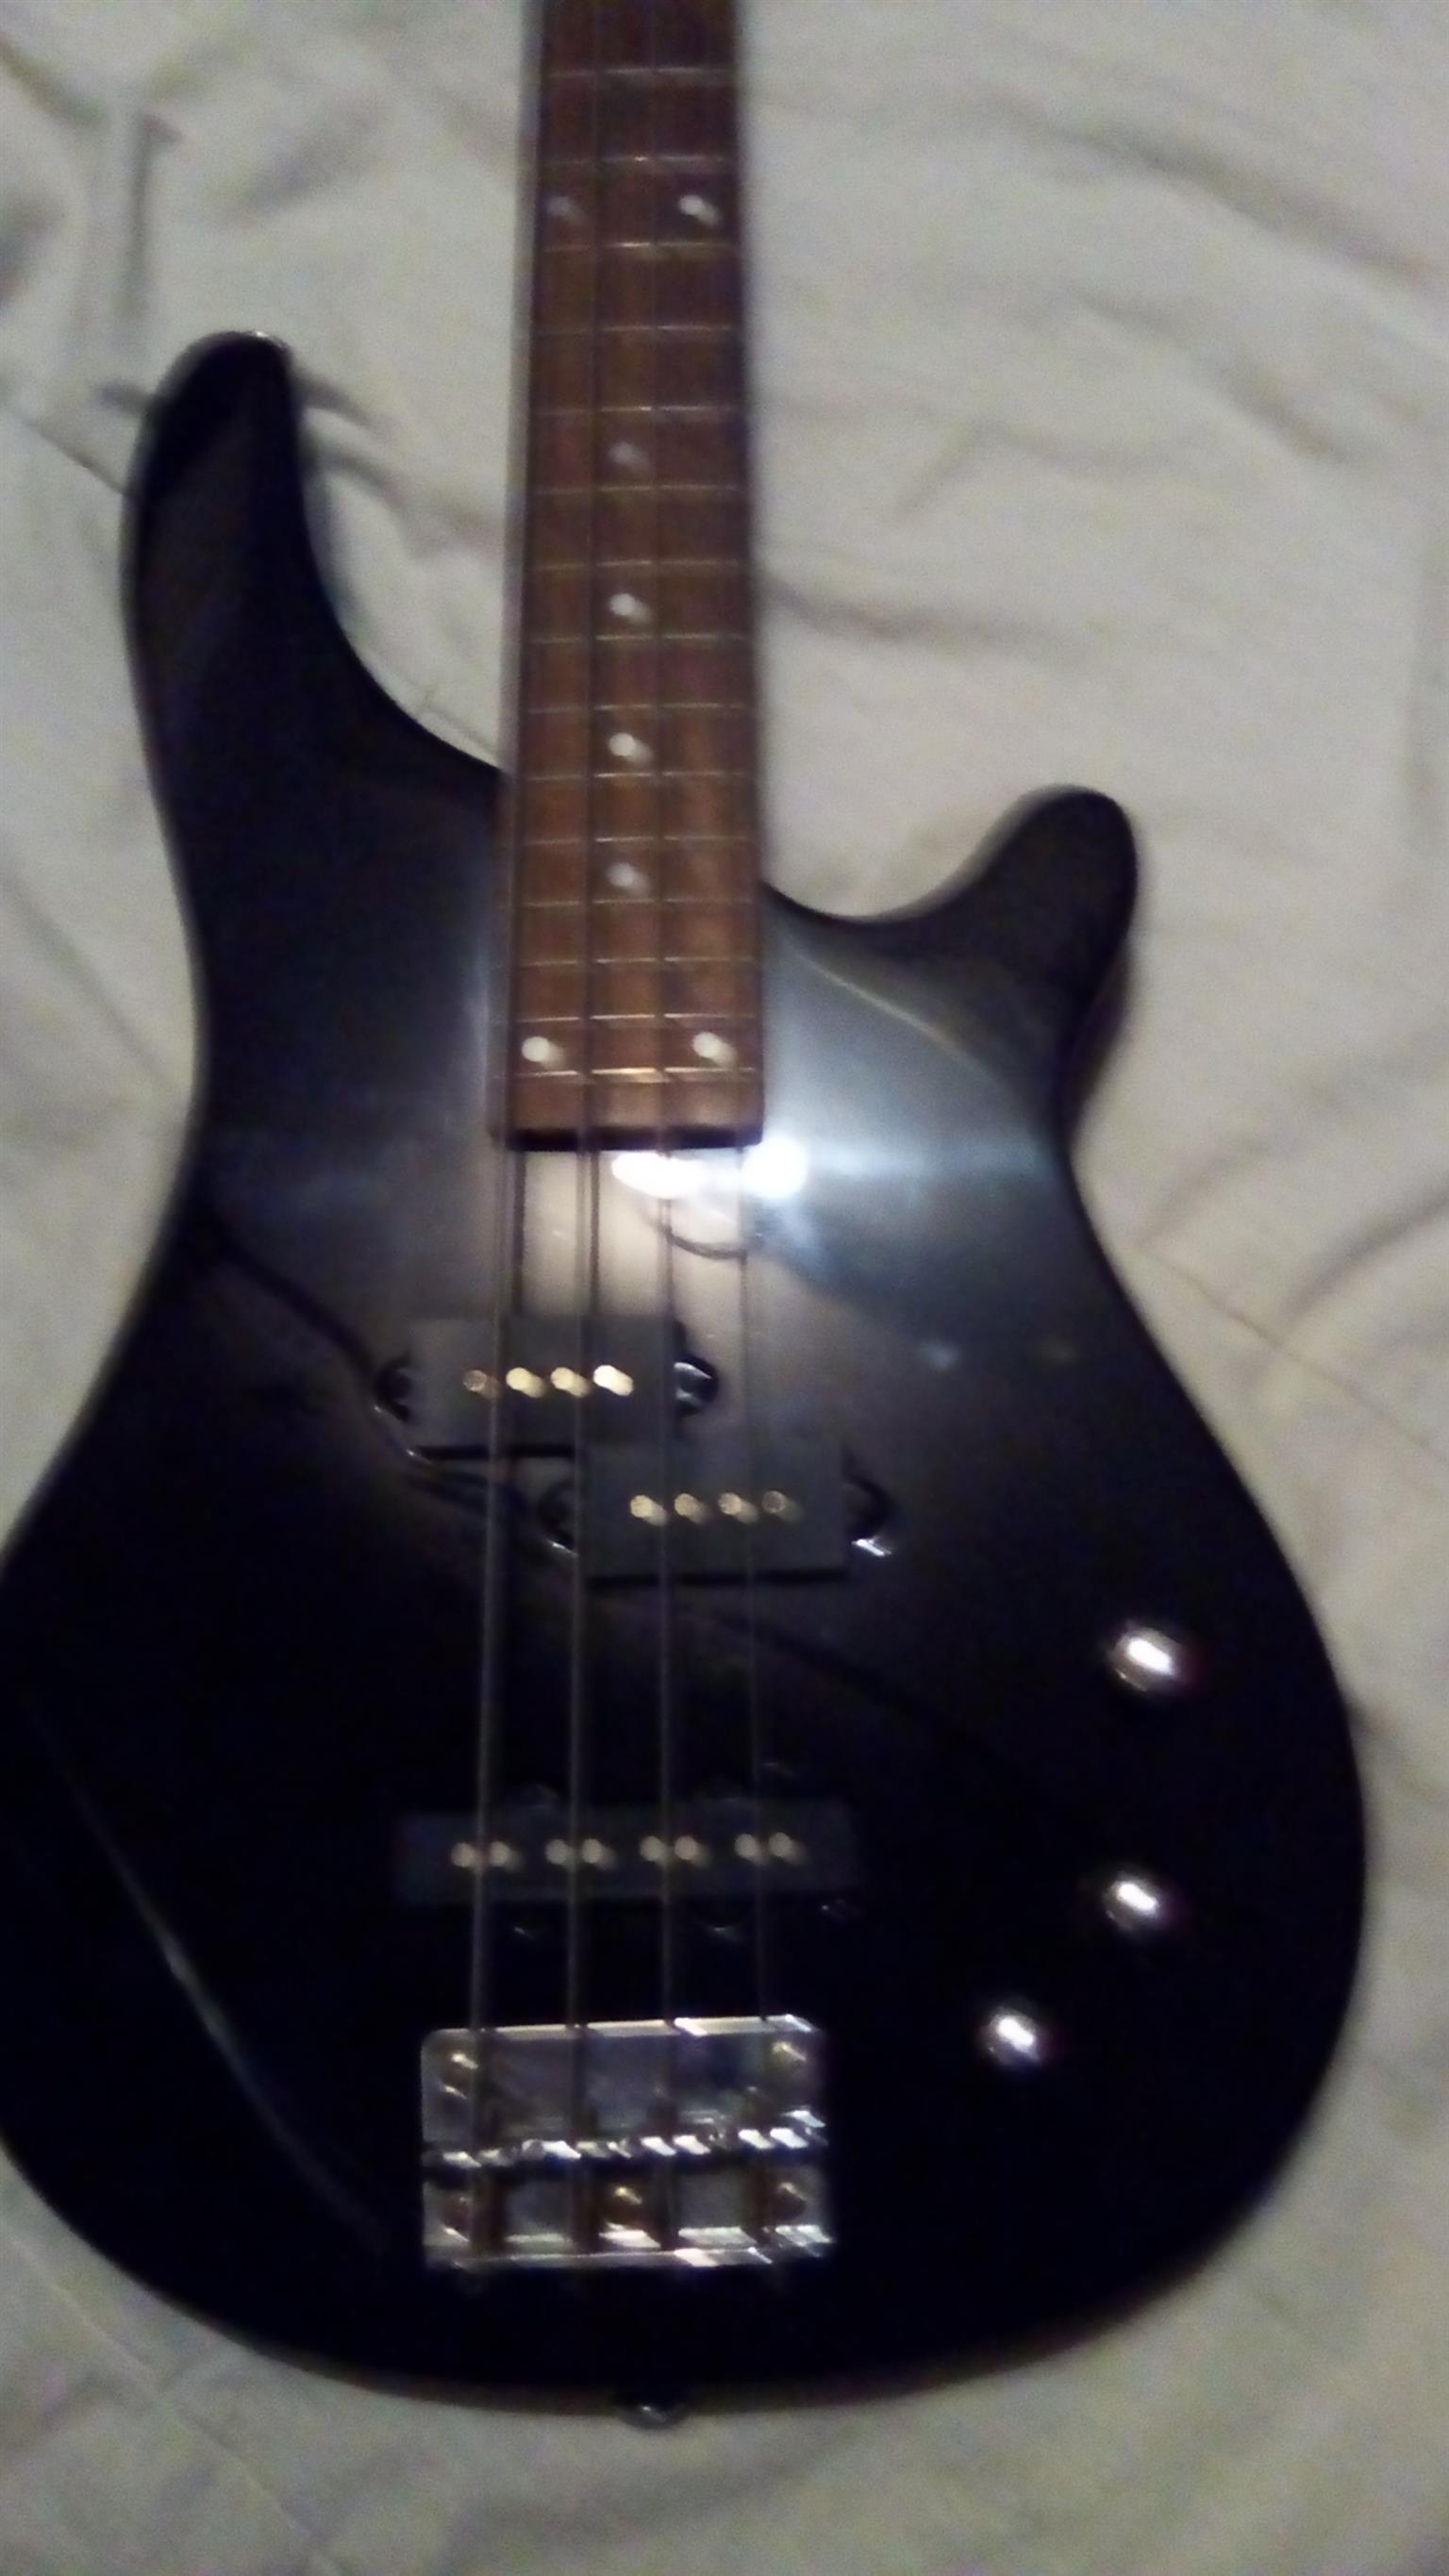 Ritmiller 4 String bass guitar